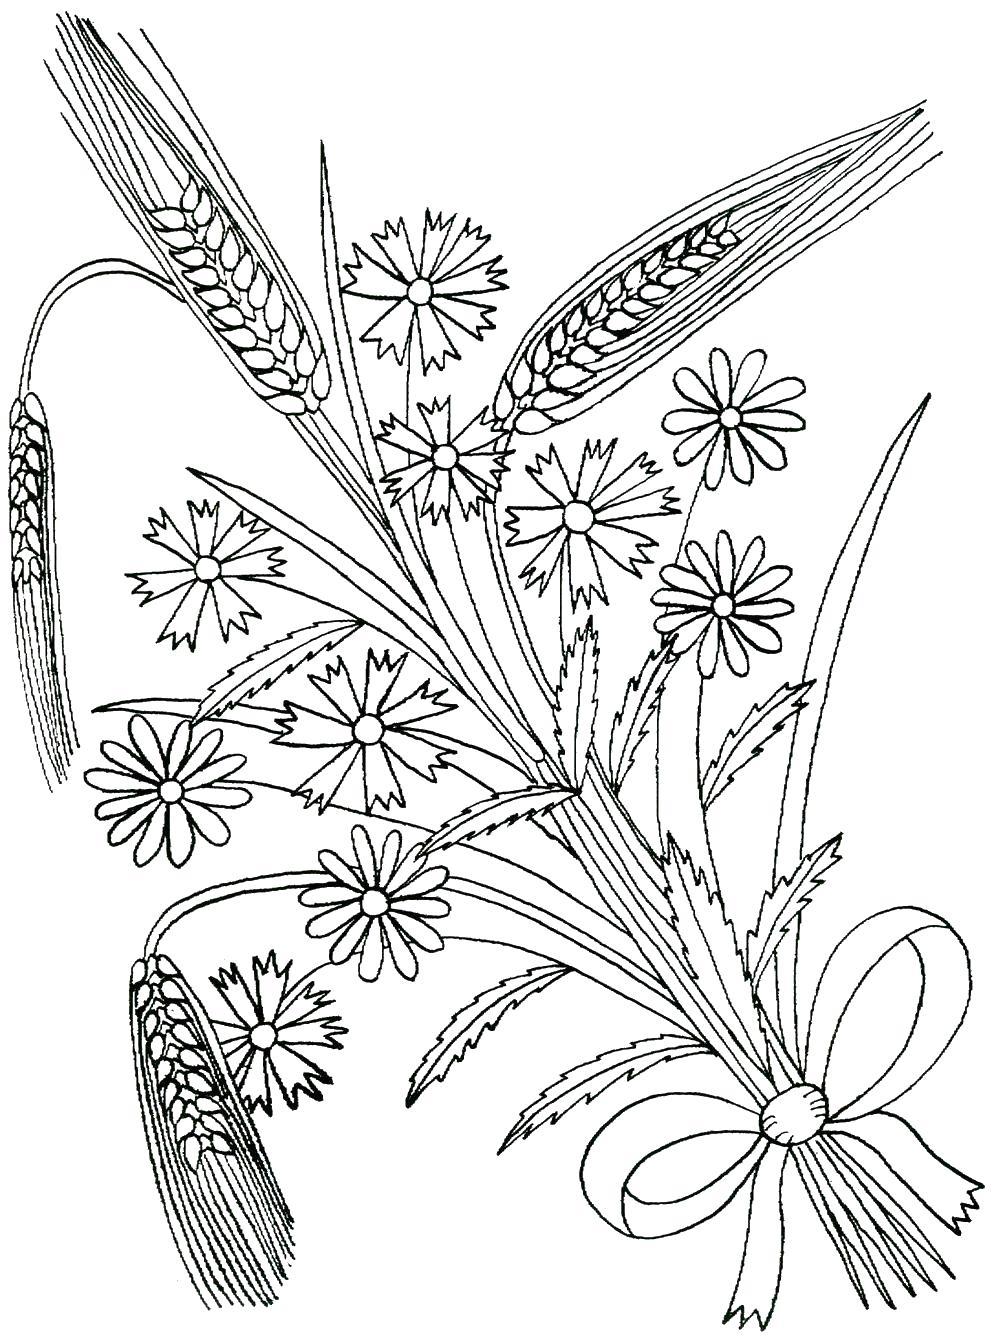 Летние цветы с колосками пшеницы Раскраски цветов бесплатно